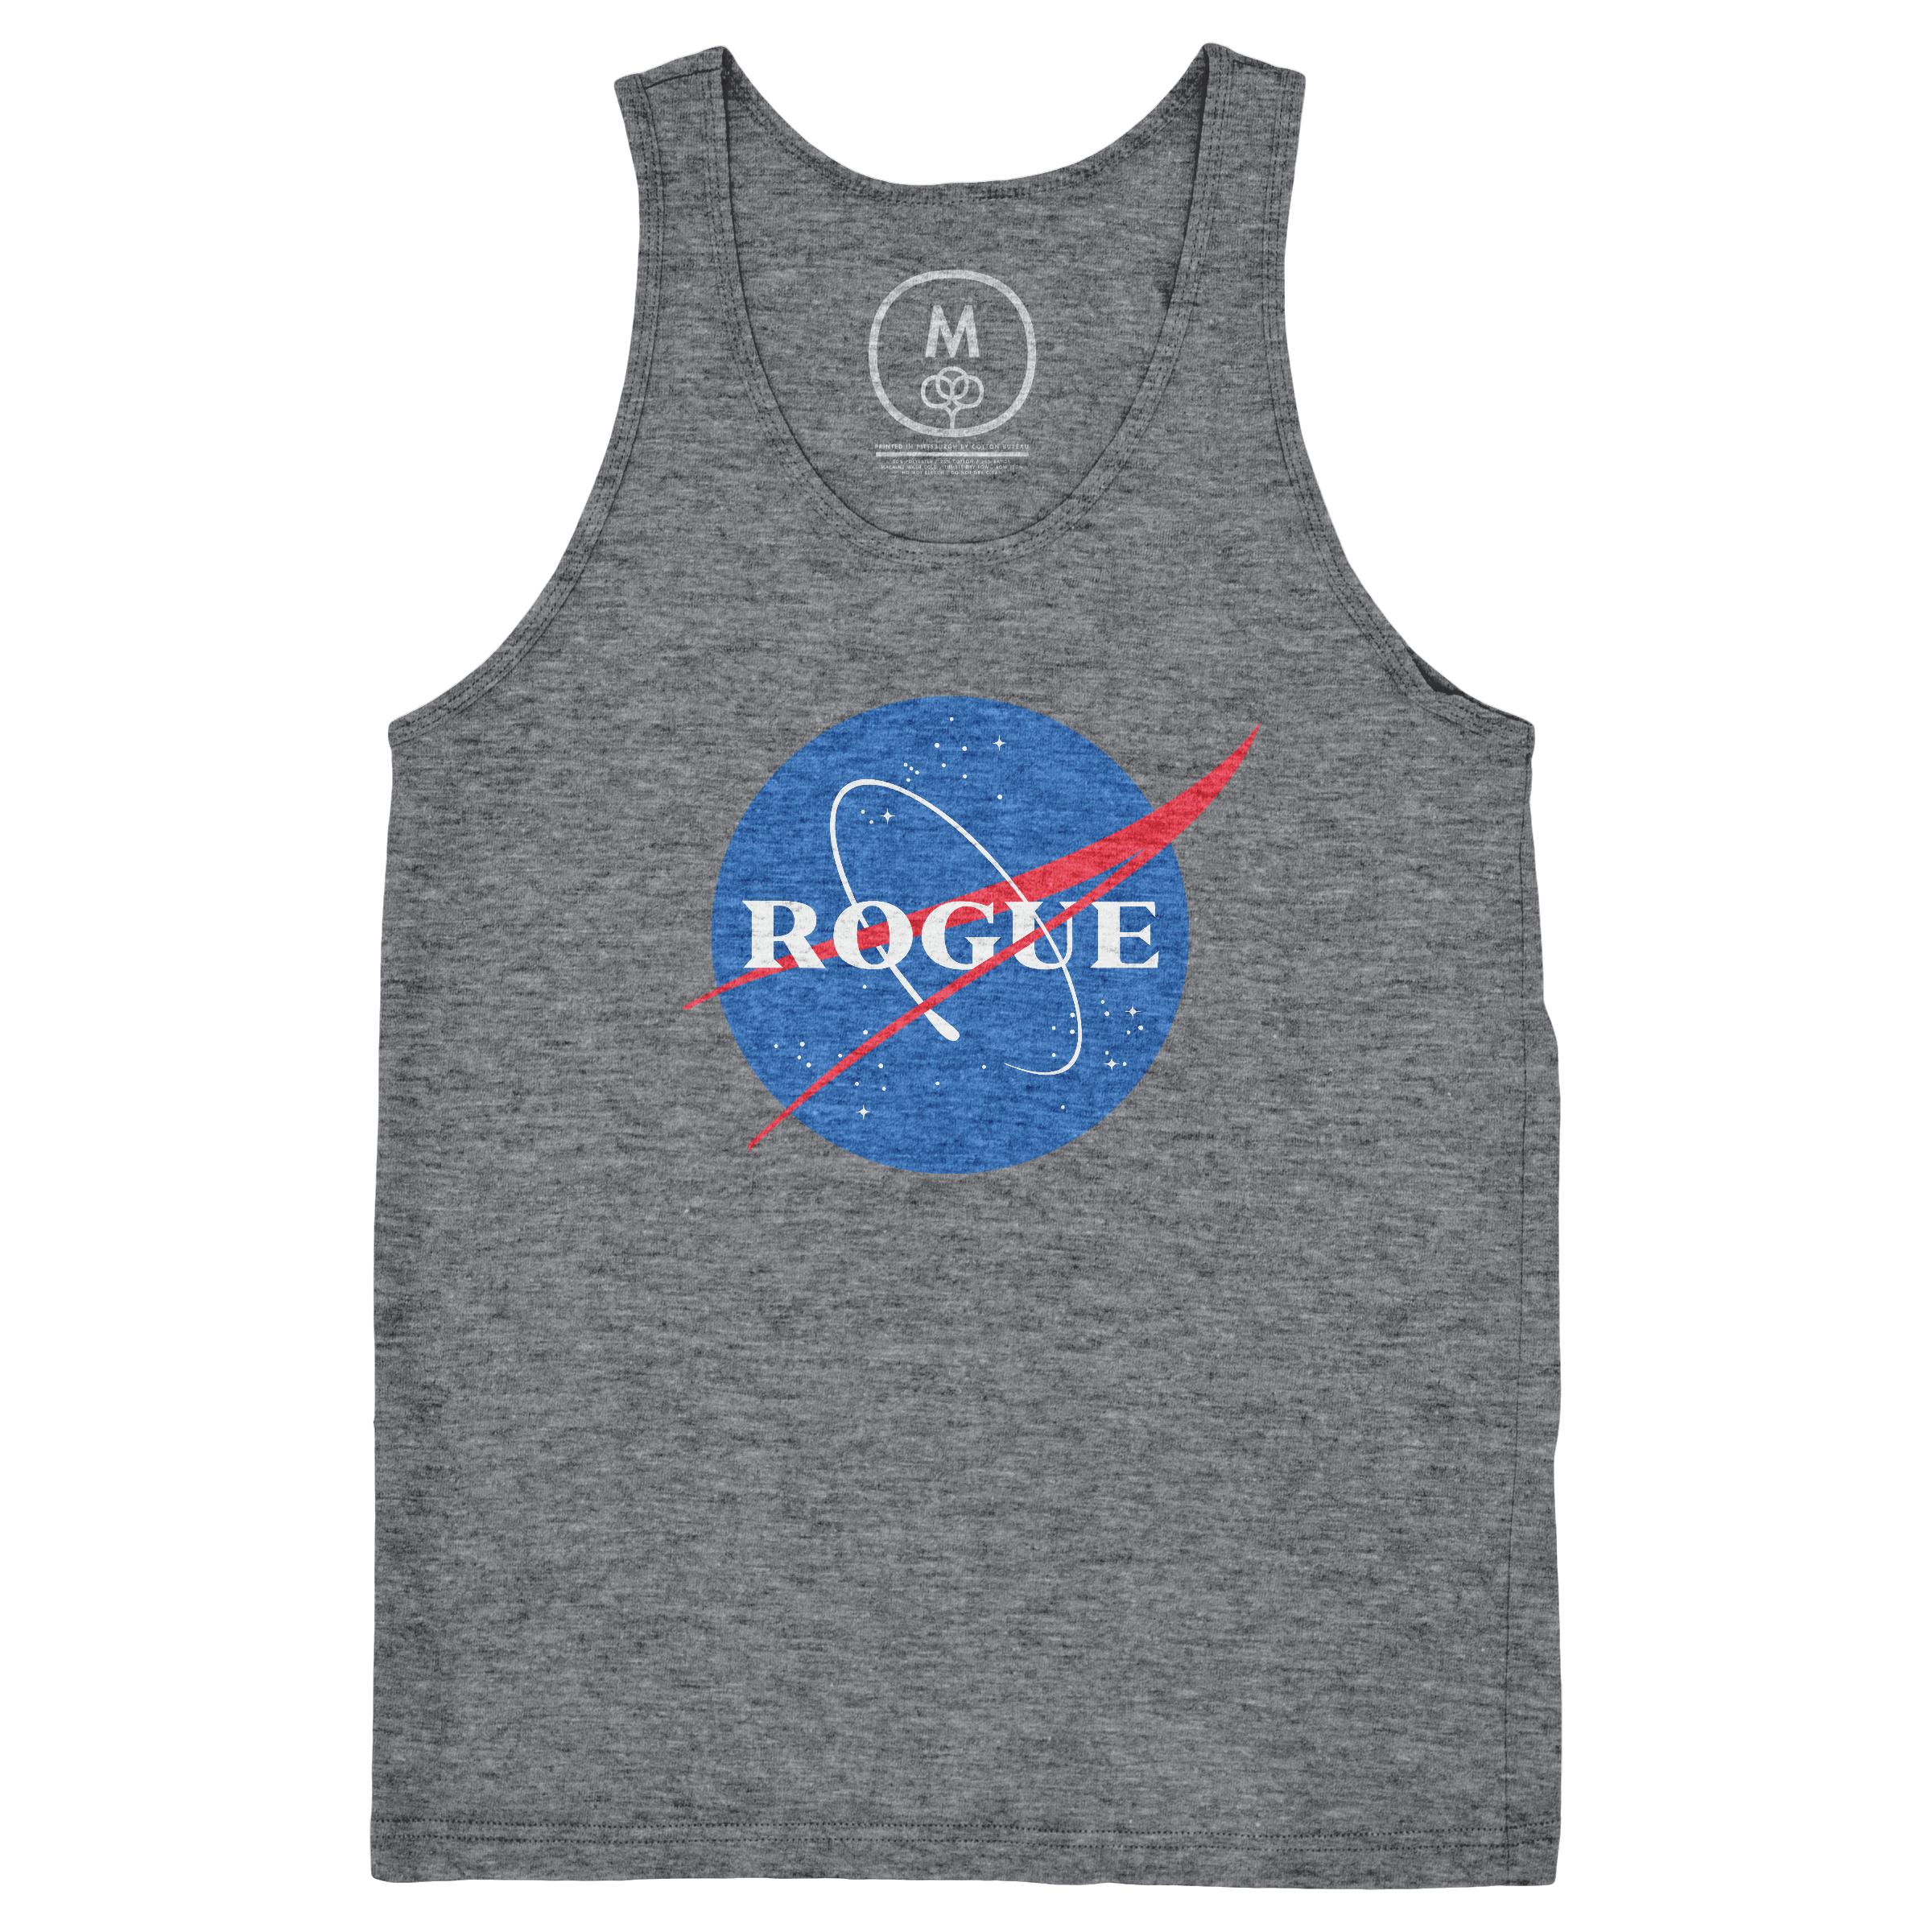 Rogue NASA Tank Top